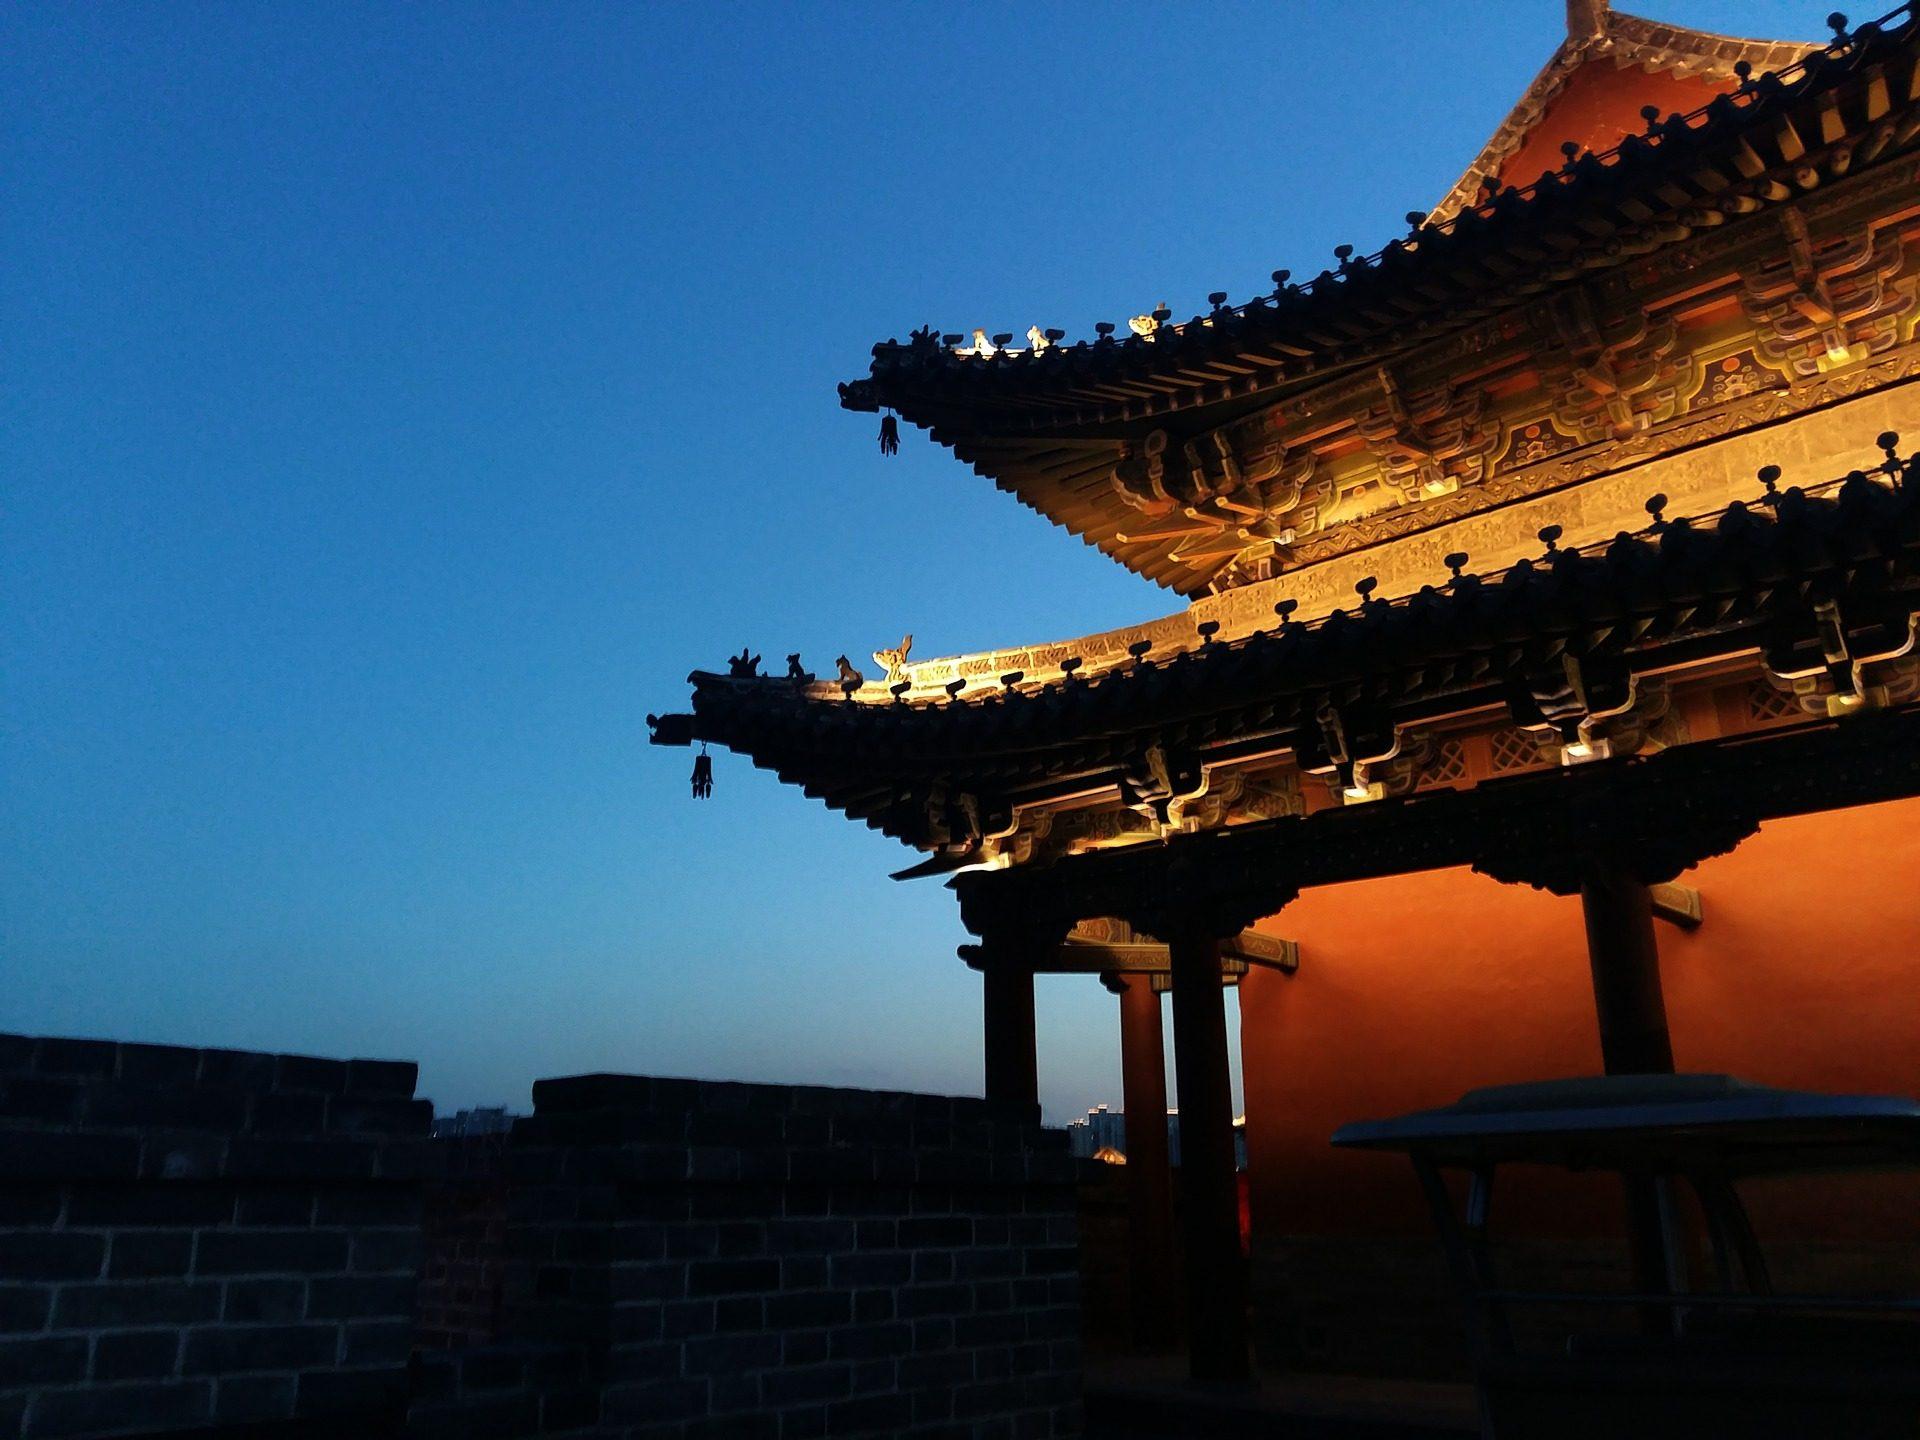 建设, 屋顶, 东部, 阴影, 中国 - 高清壁纸 - 教授-falken.com